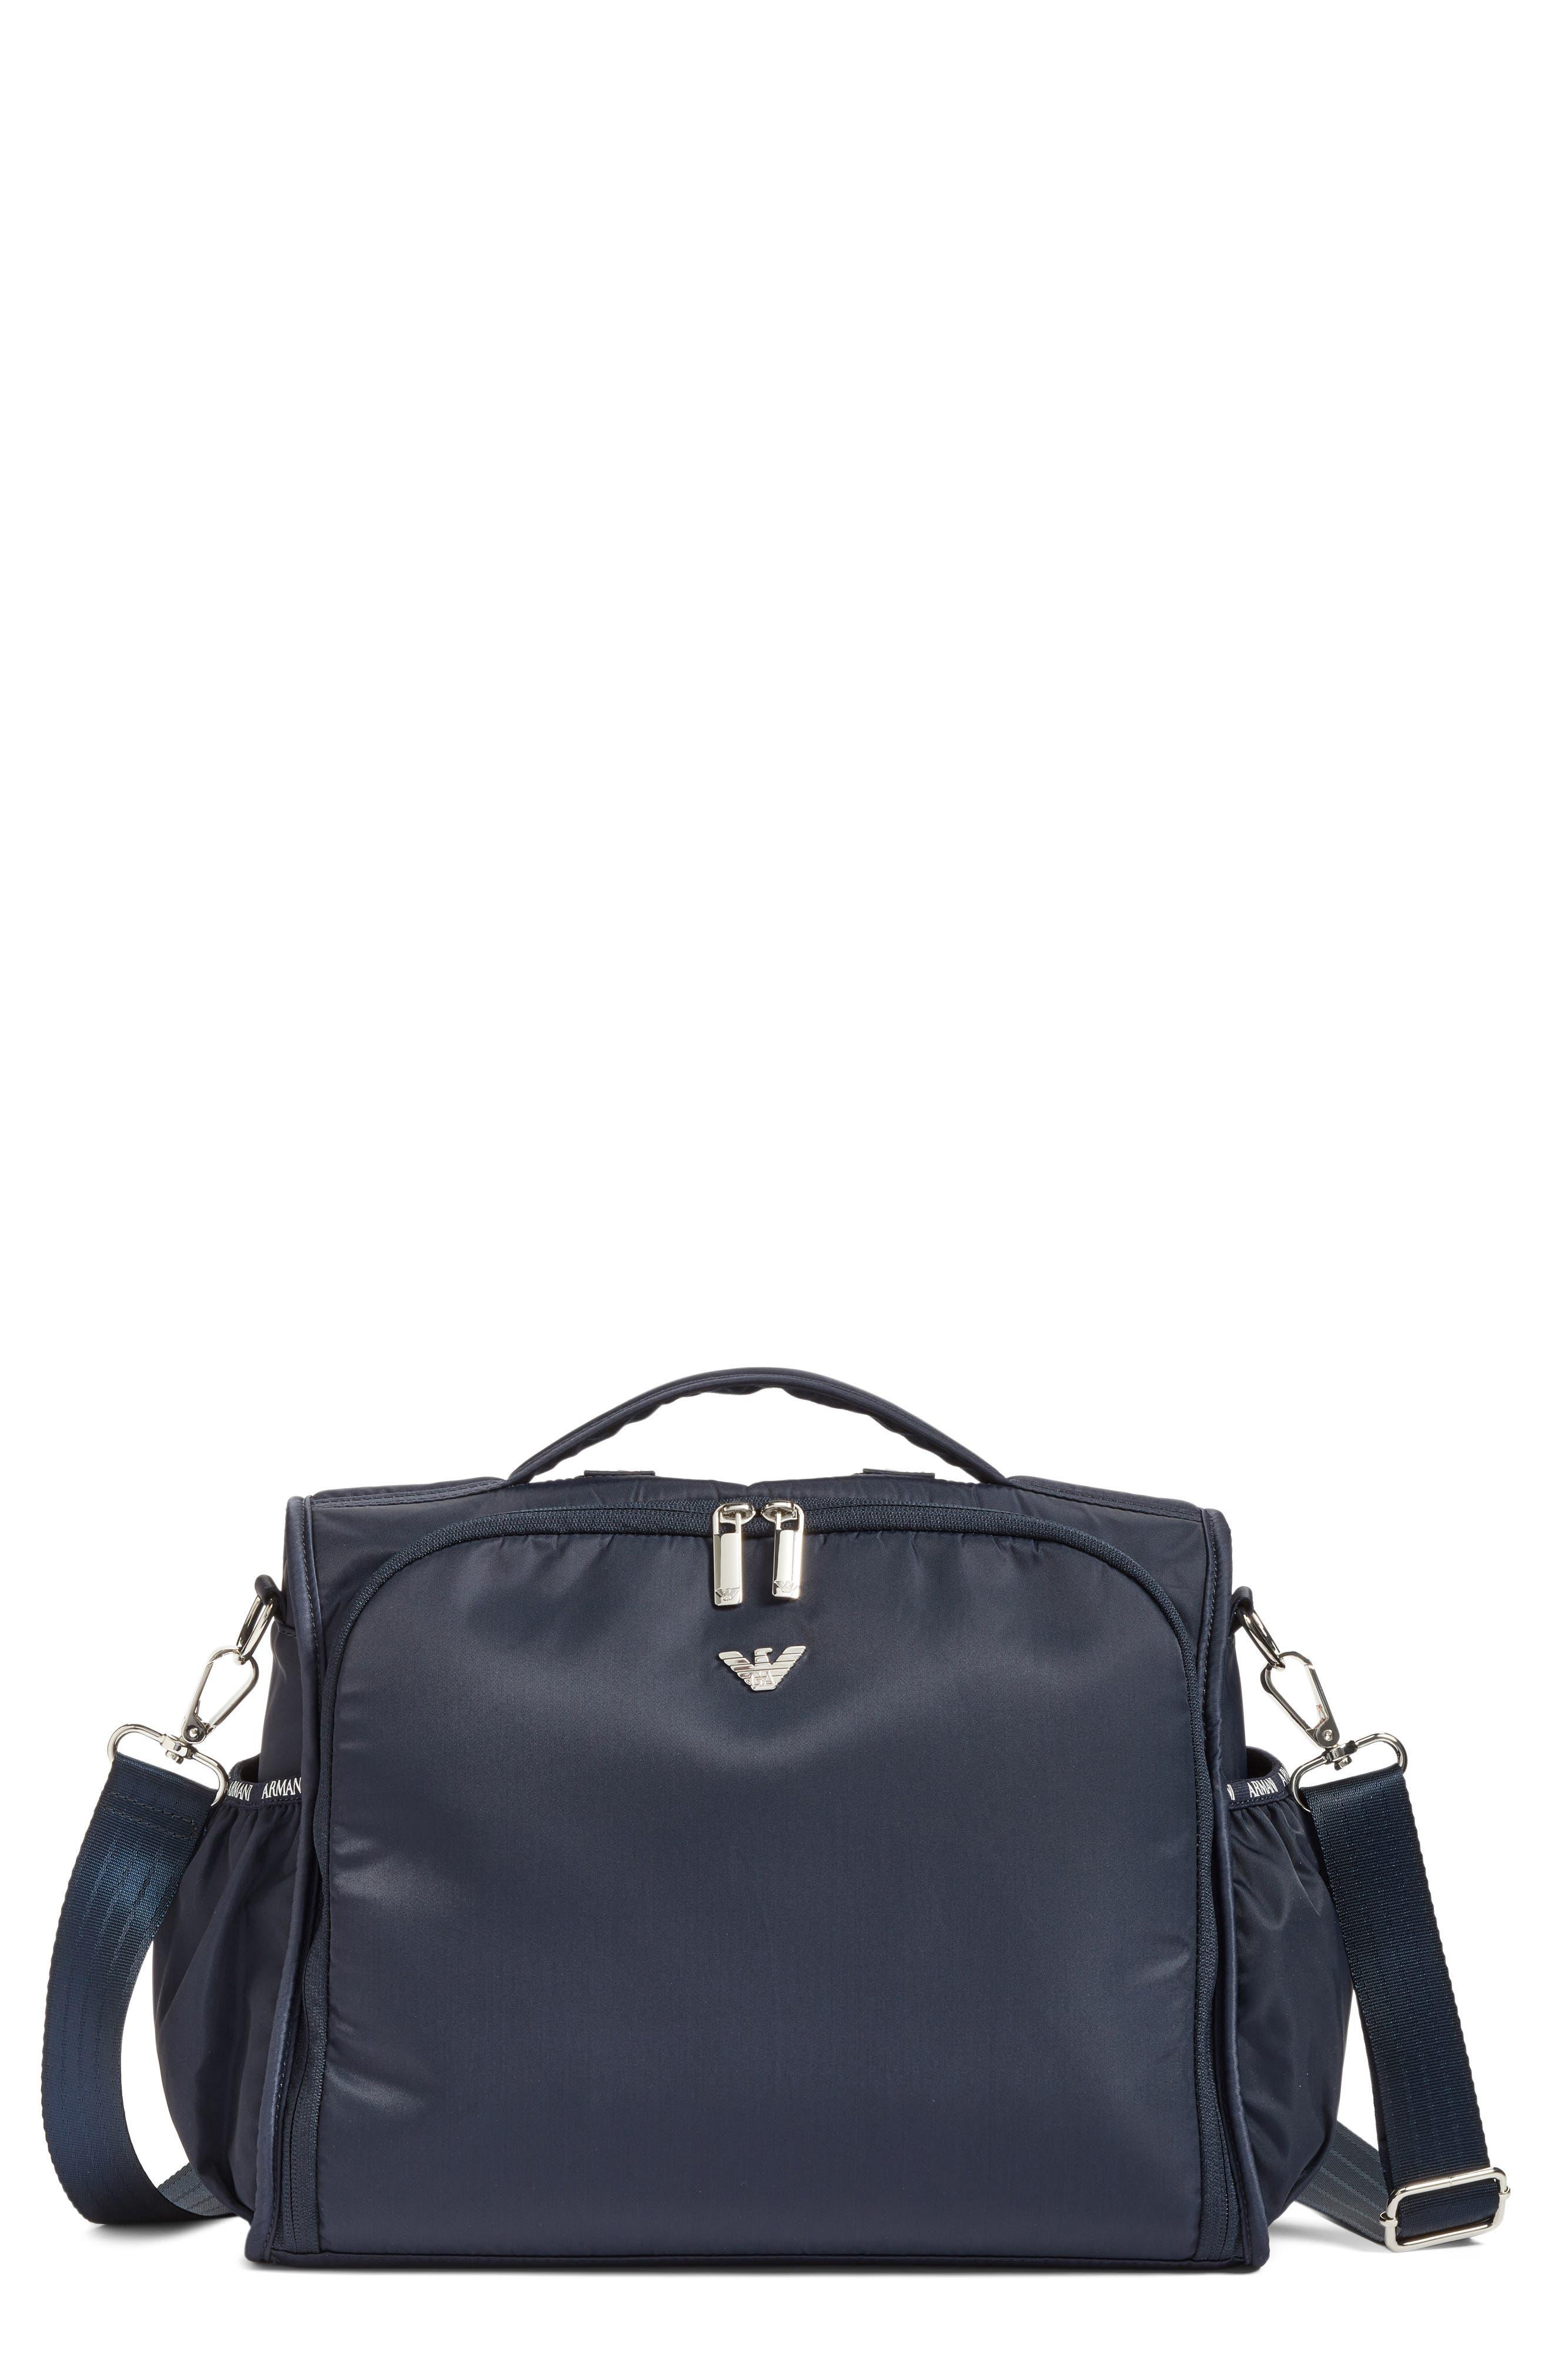 Backpack Diaper Bag,                         Main,                         color, 414